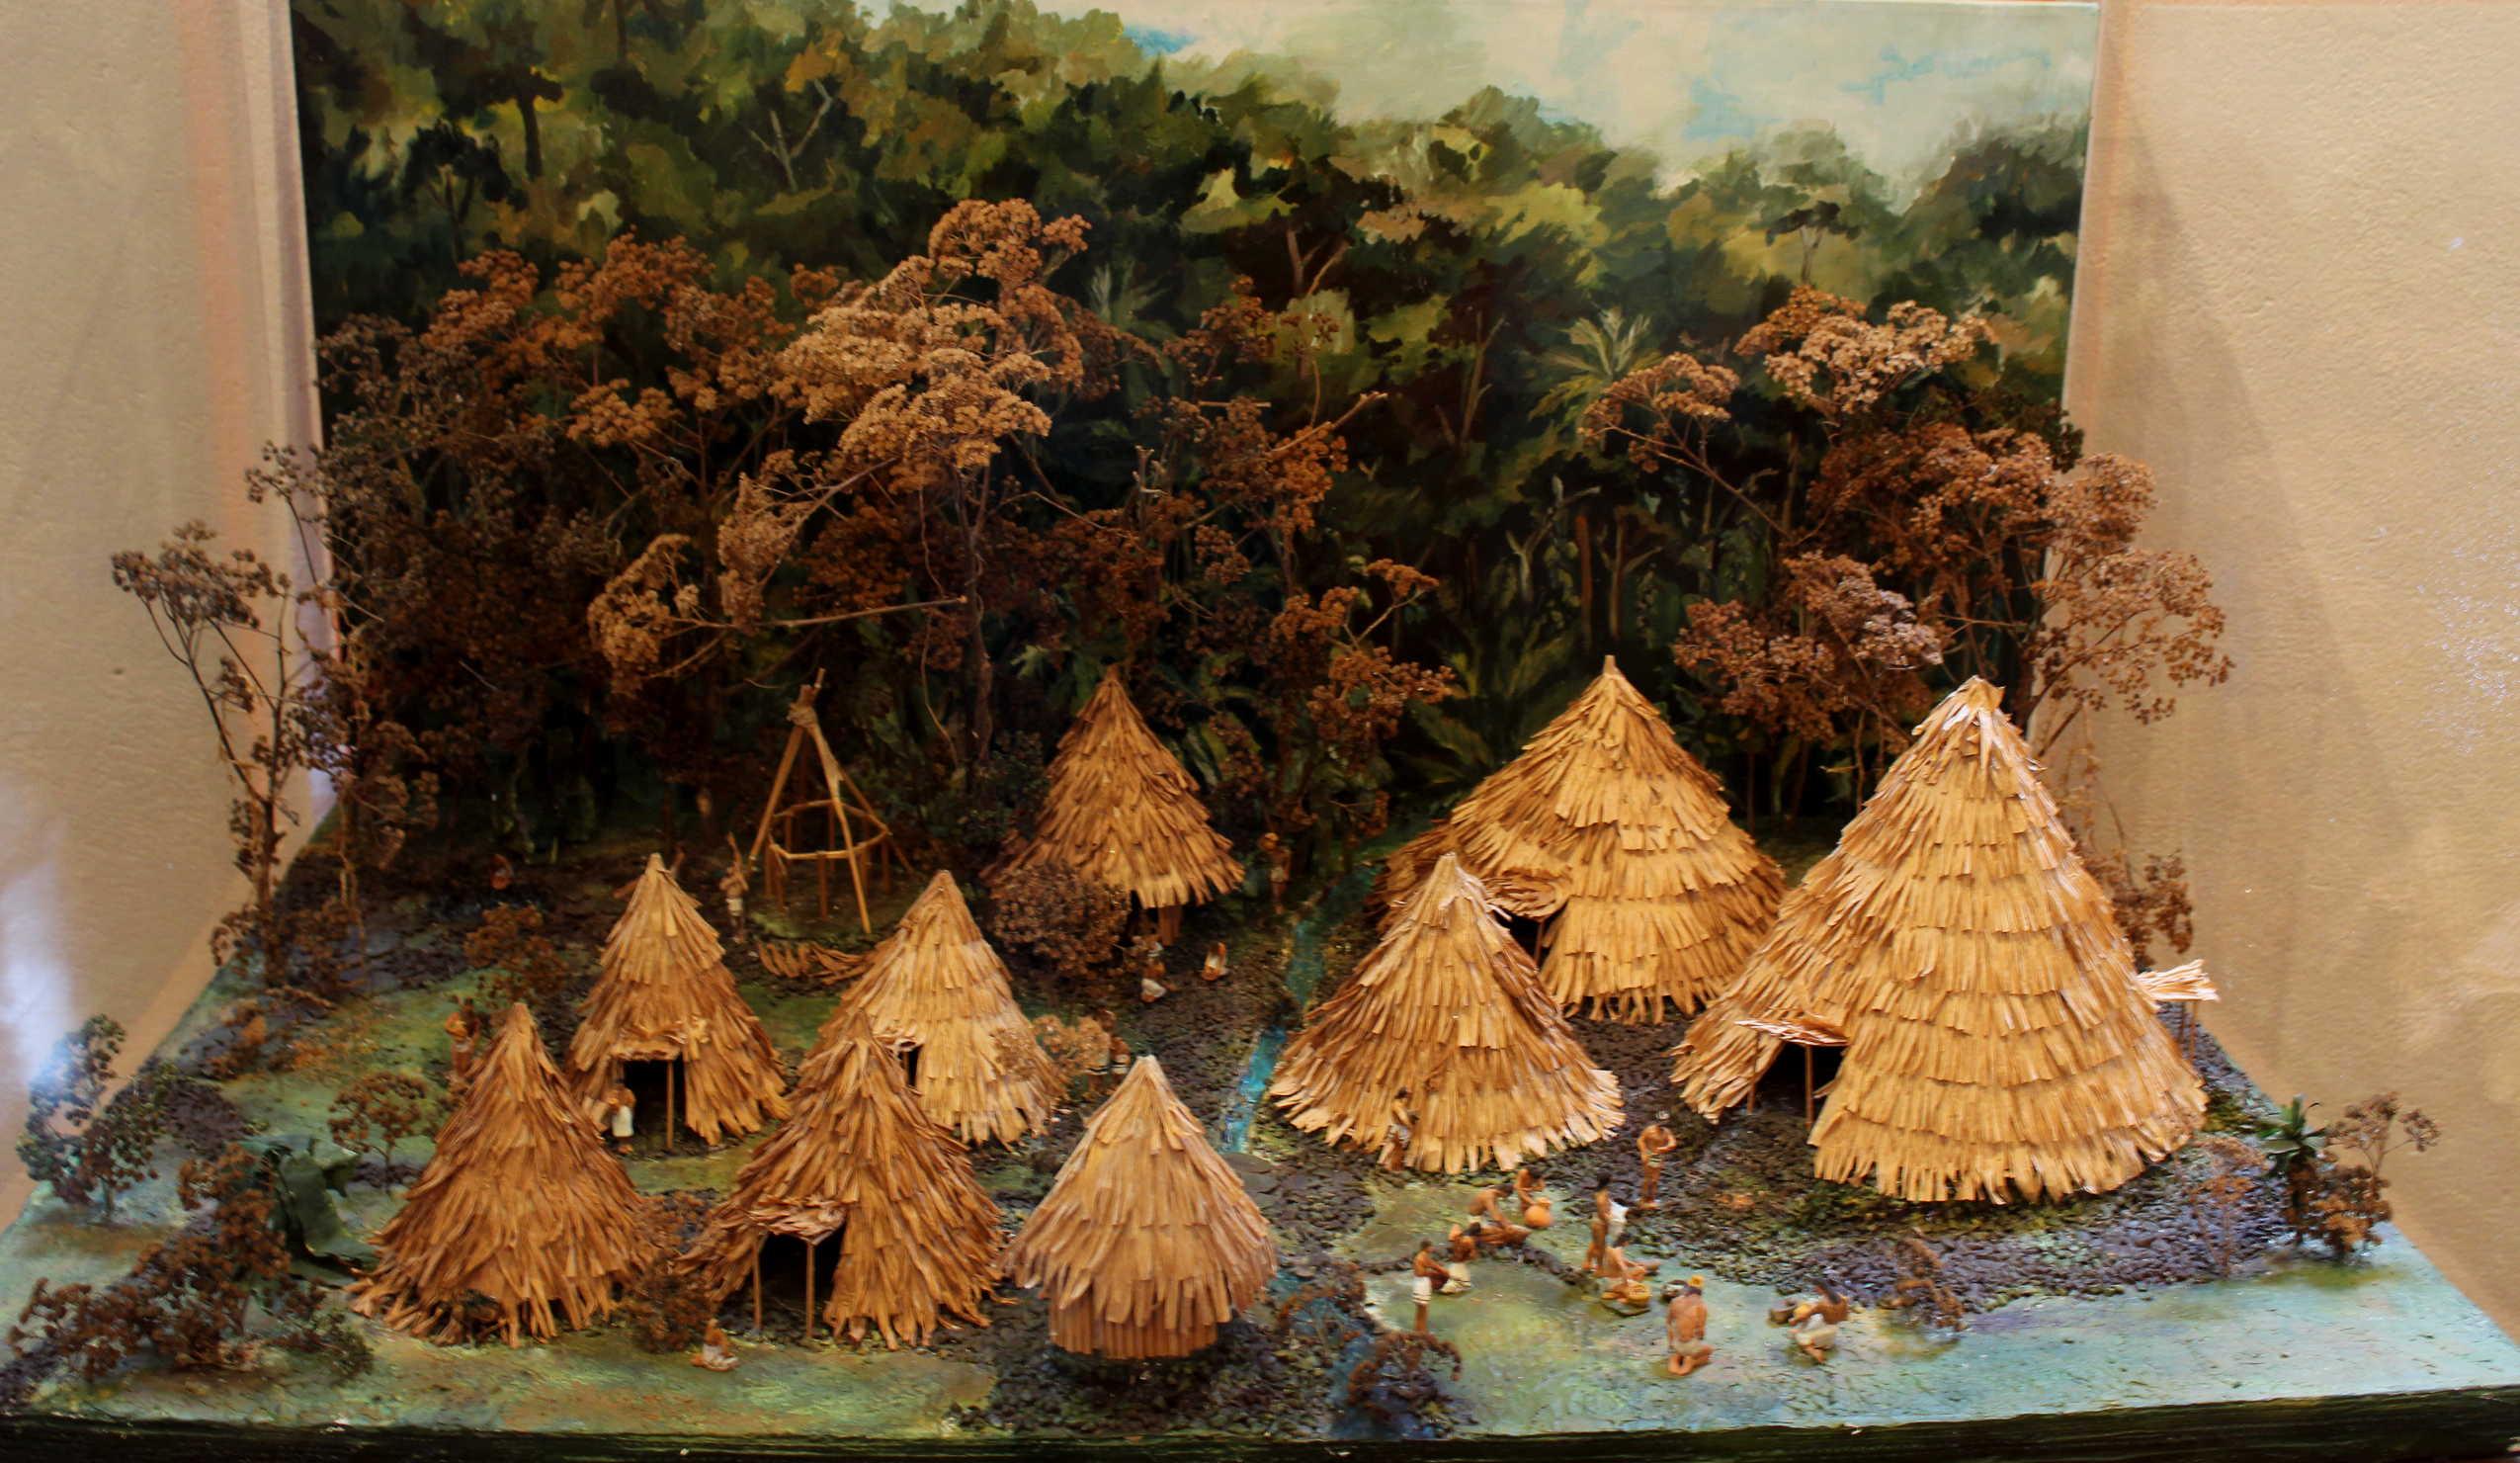 Exposicion permanente de arqueología del sitio del Monumento Nacional Guayabo.